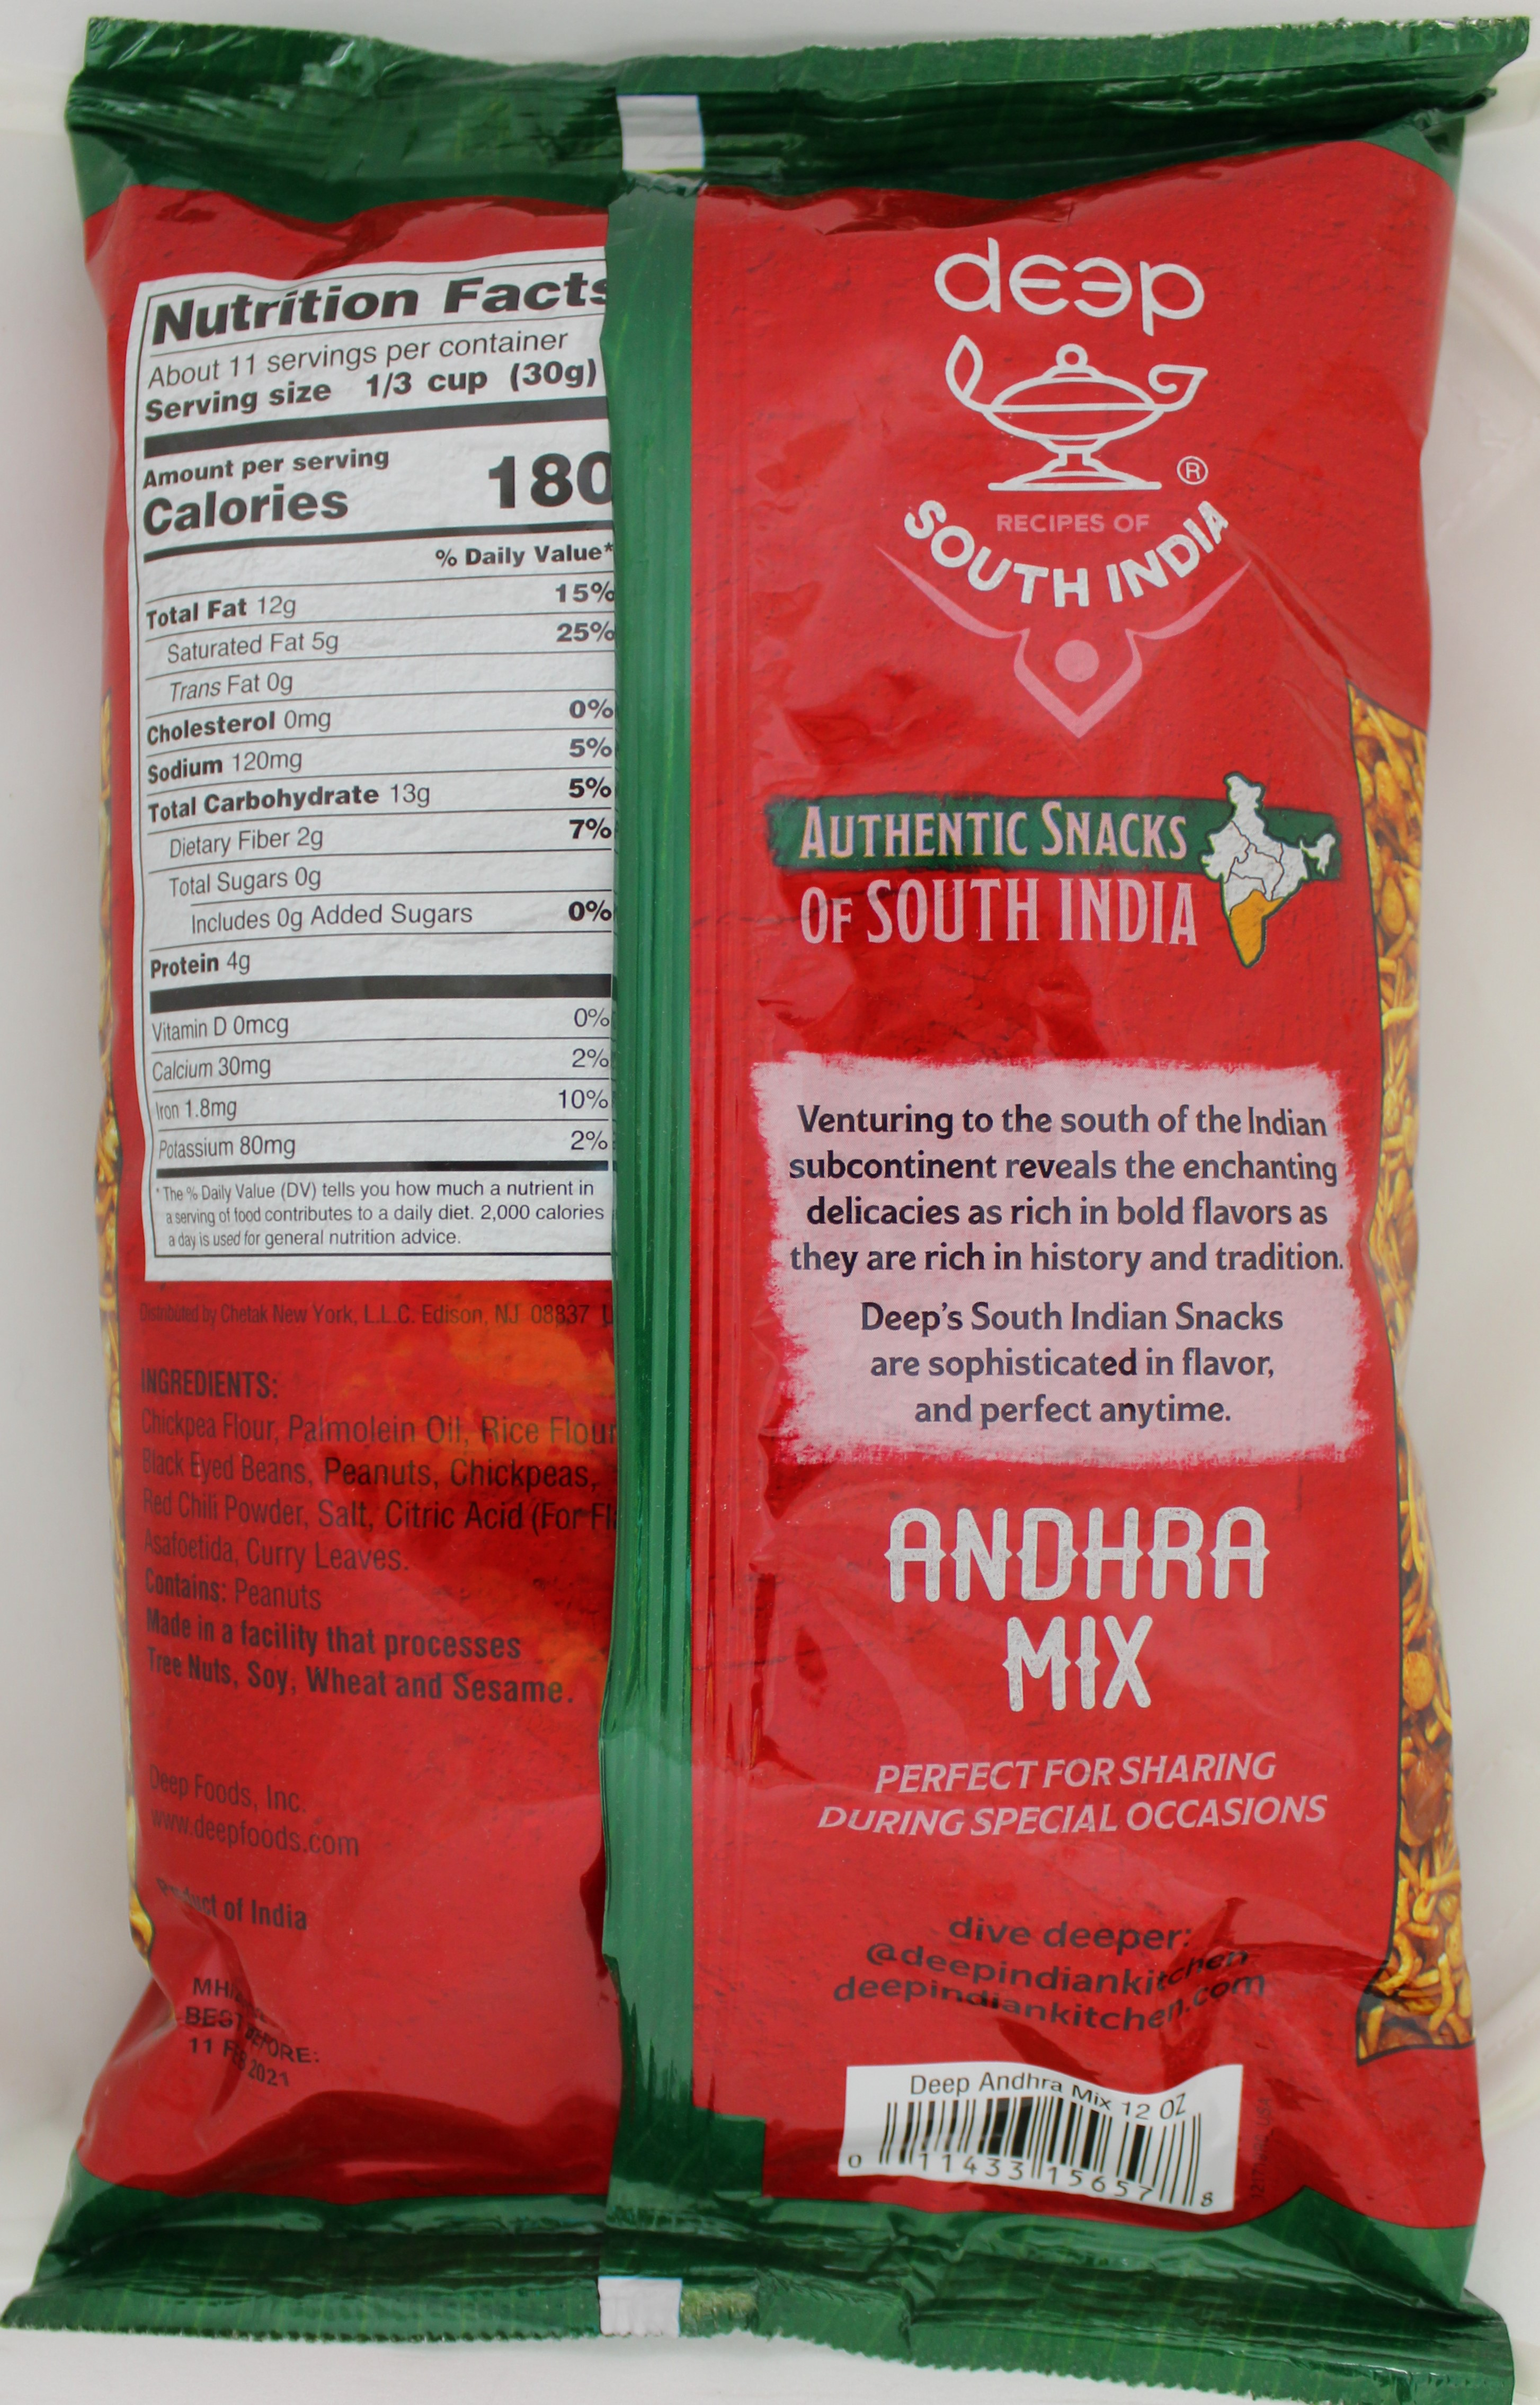 Andhra Mixture 12 oz.